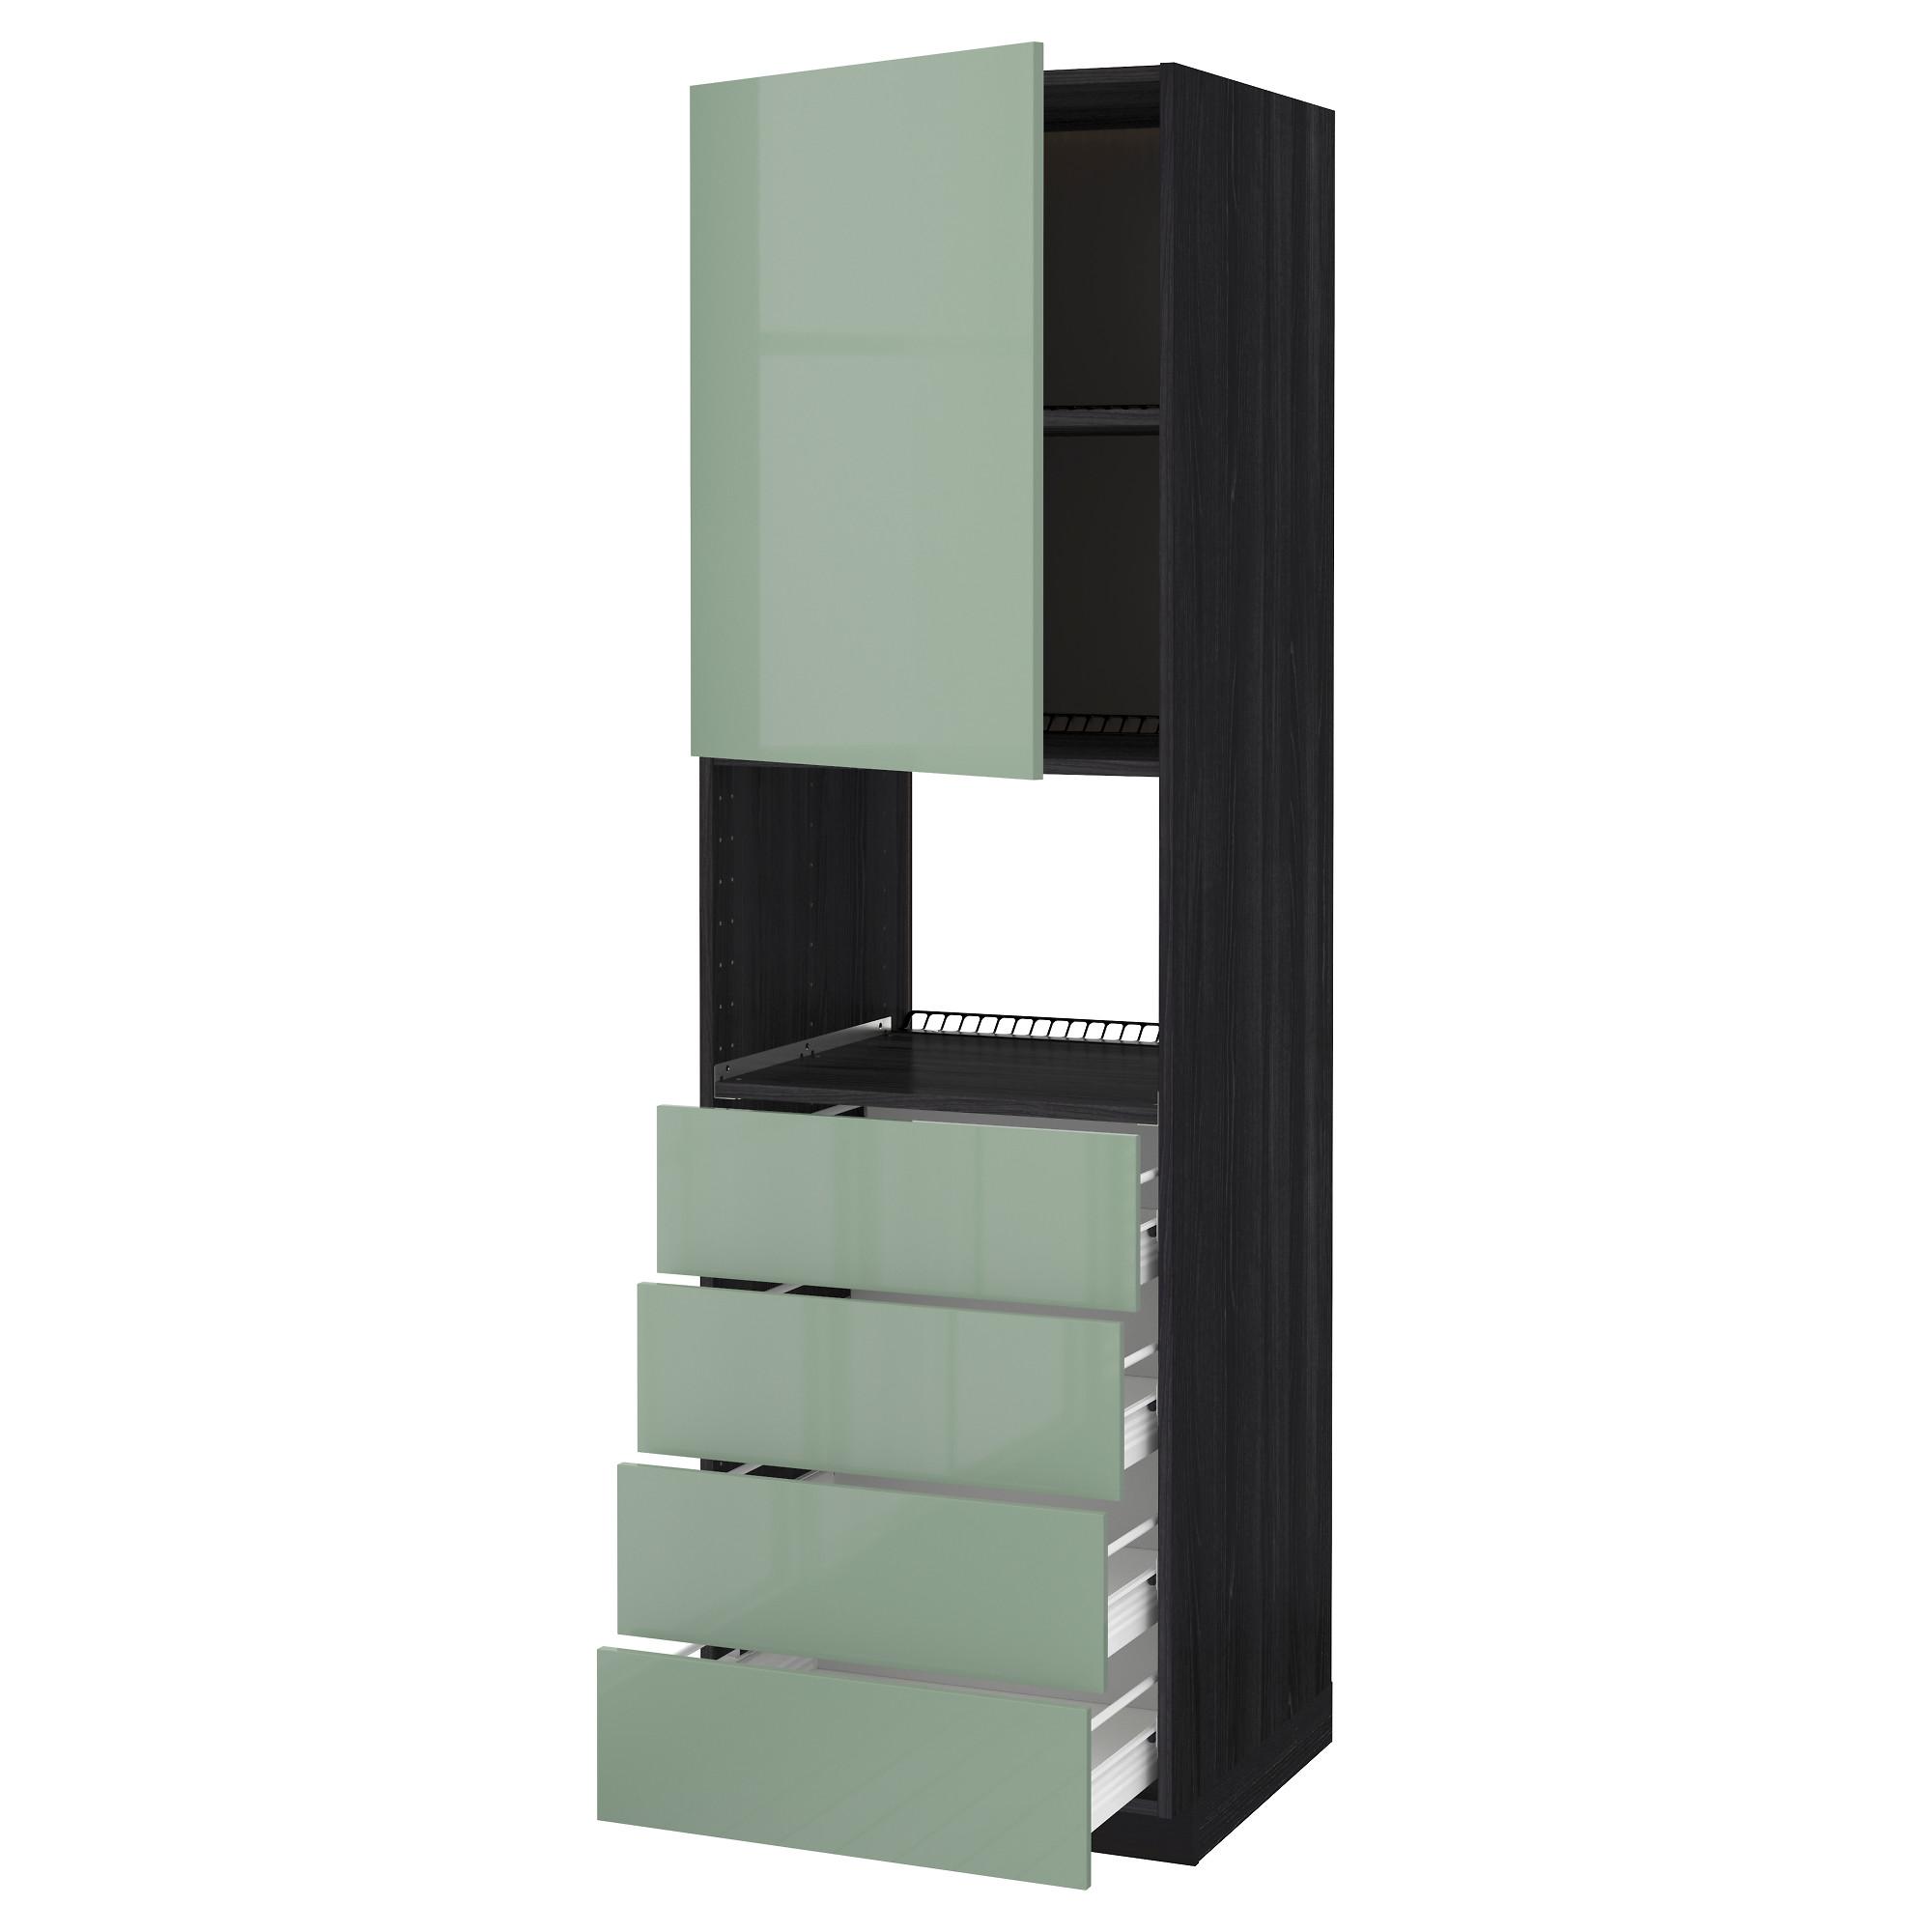 Высокий шкаф для духовки, дверца, 4 ящика МЕТОД / ФОРВАРА черный артикуль № 992.658.69 в наличии. Online сайт IKEA Беларусь. Недорогая доставка и установка.